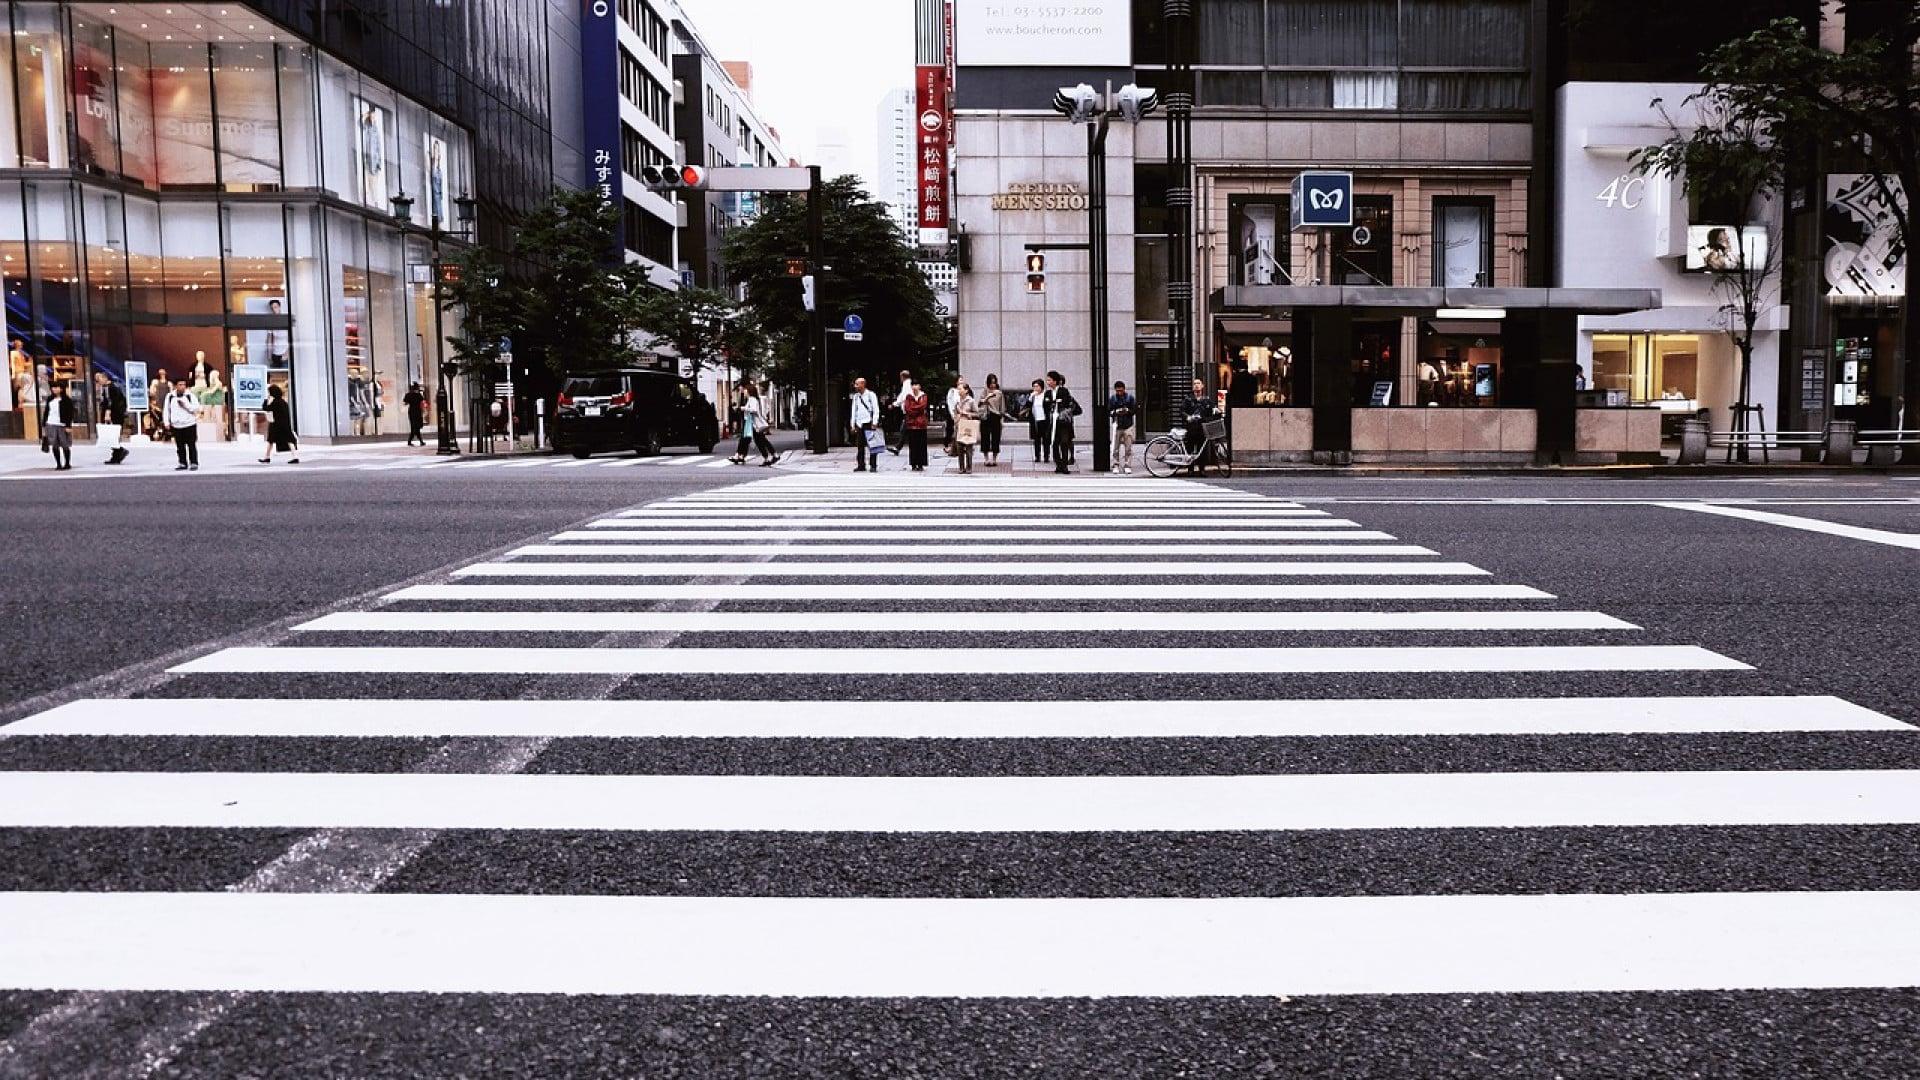 Sécurité routière : de la nouveauté du côté du mobilier urbain